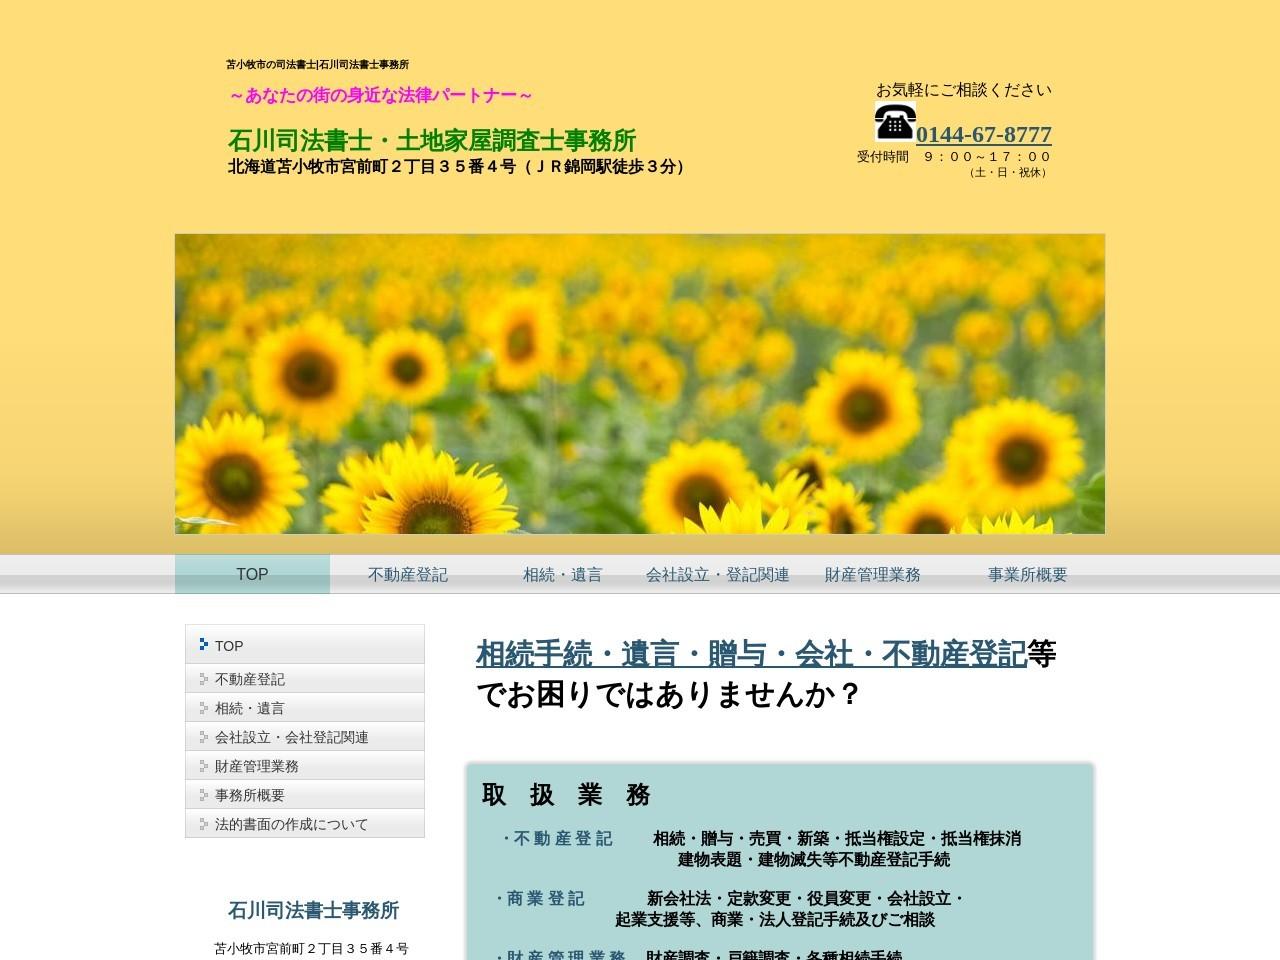 石川司法書士事務所